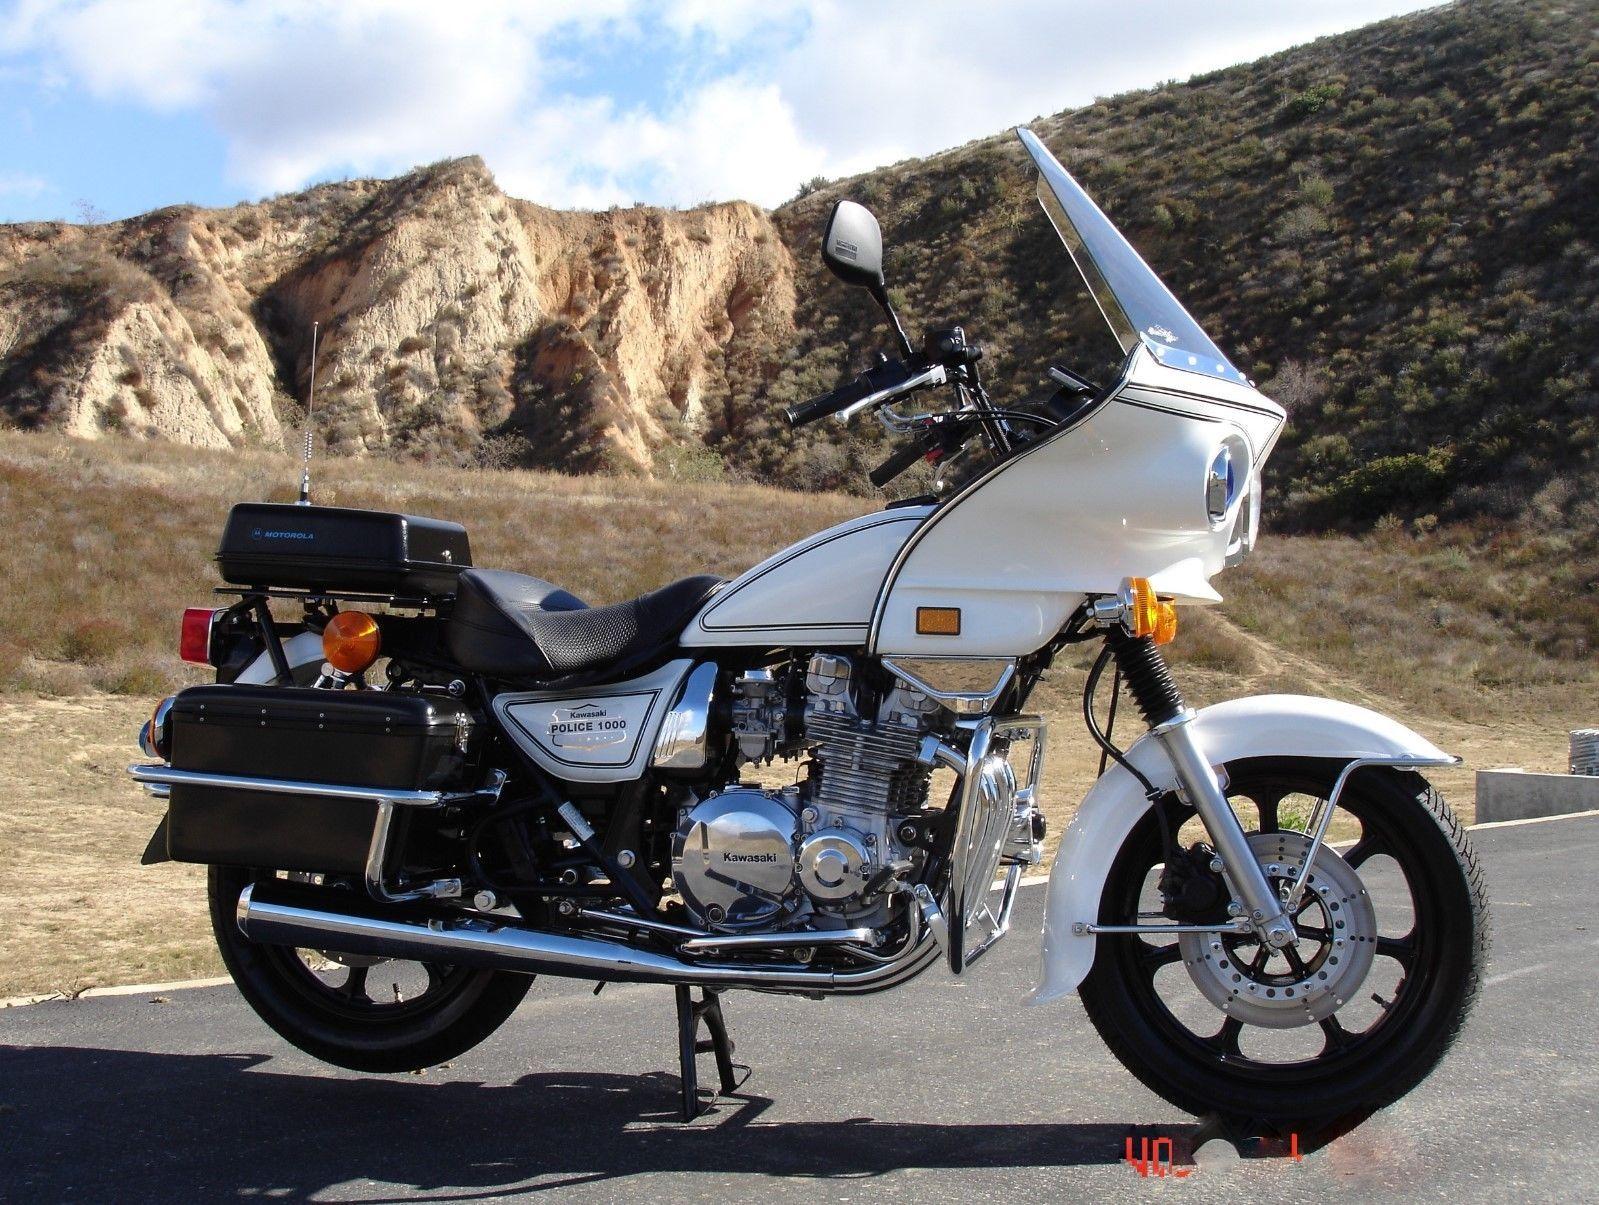 2000 kawasaki kz 1000 kz1000p police show bike spare bike nos ebay link  [ 1599 x 1205 Pixel ]